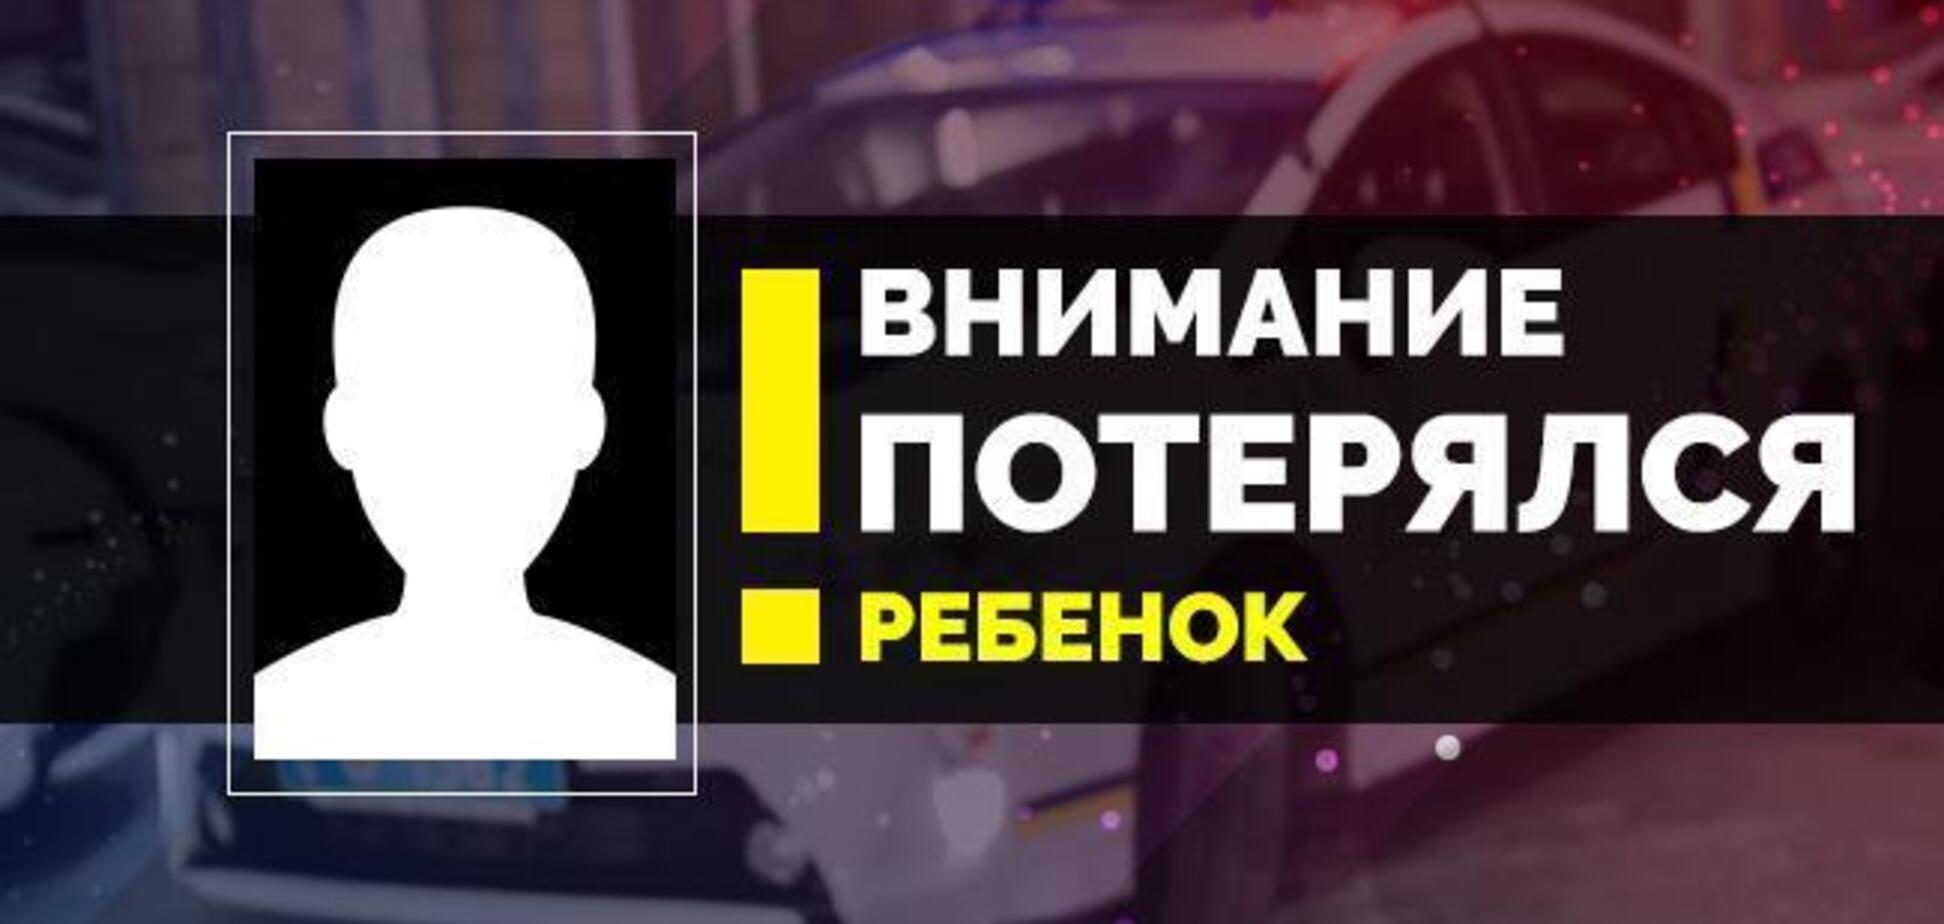 В Одесі зникли дівчатка-підлітки: їхні фото та прикмети